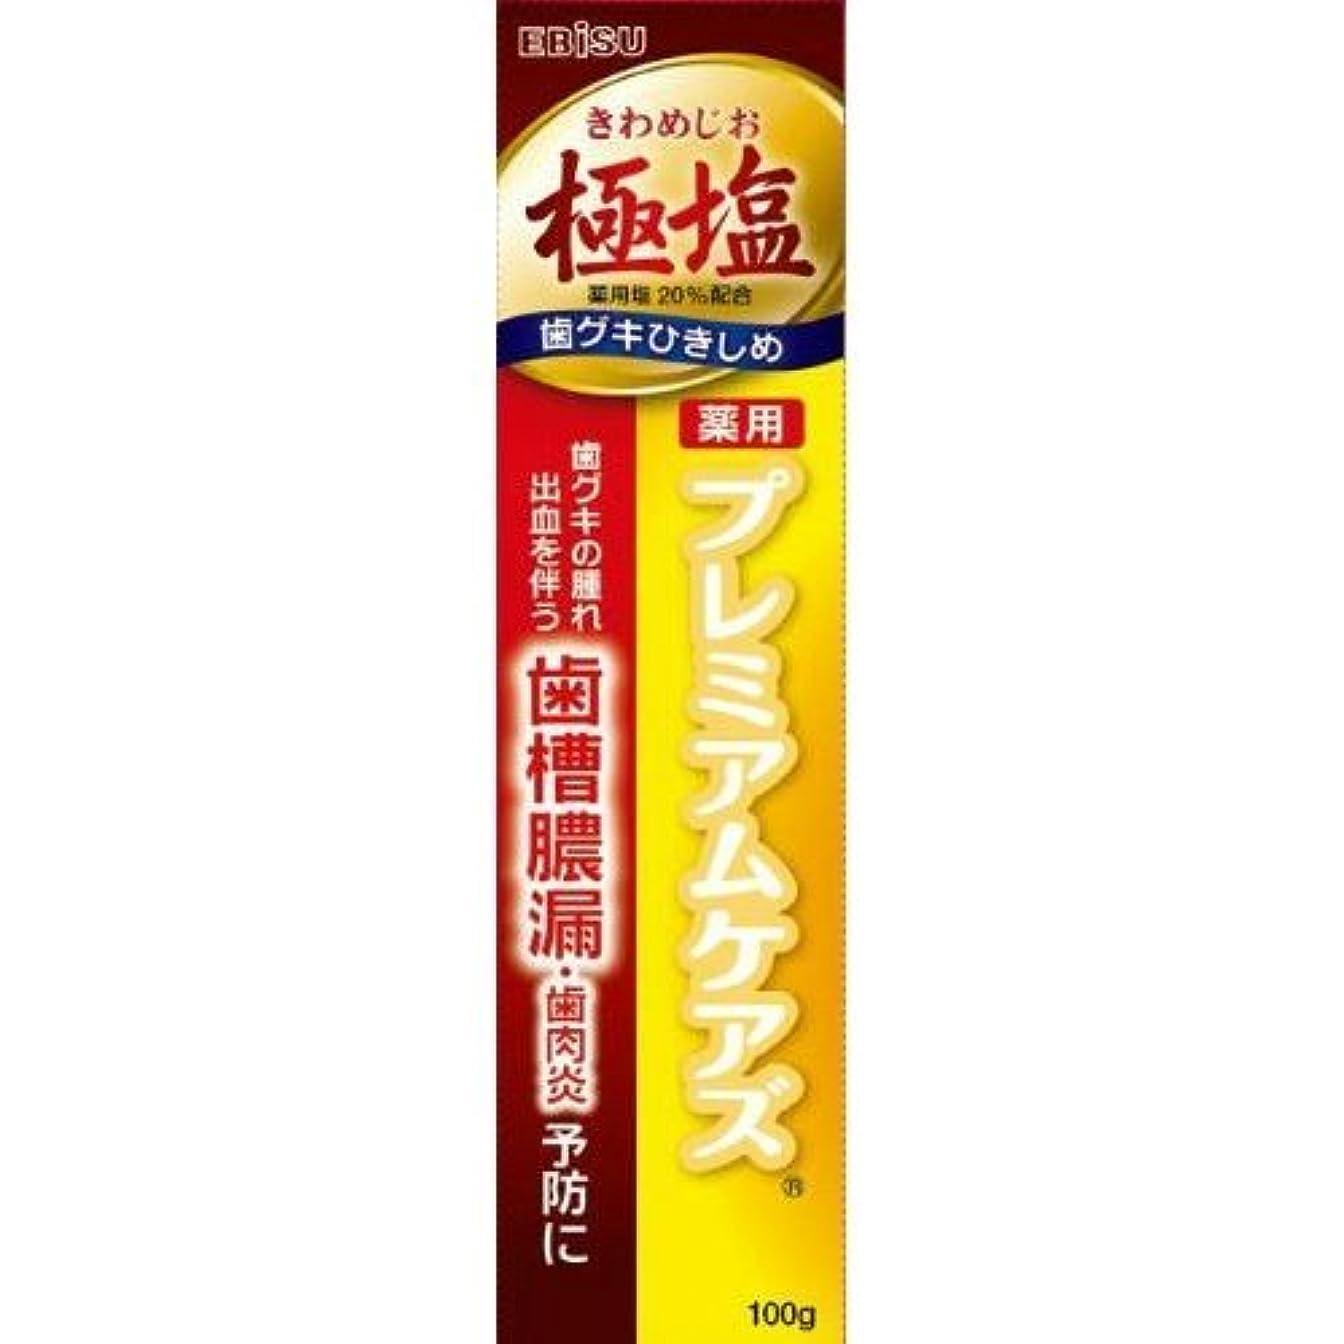 鹿振る闘争【まとめ買い】エビス プレミアムケアズ 100g EP-0100 (医薬部外品)【×3個】